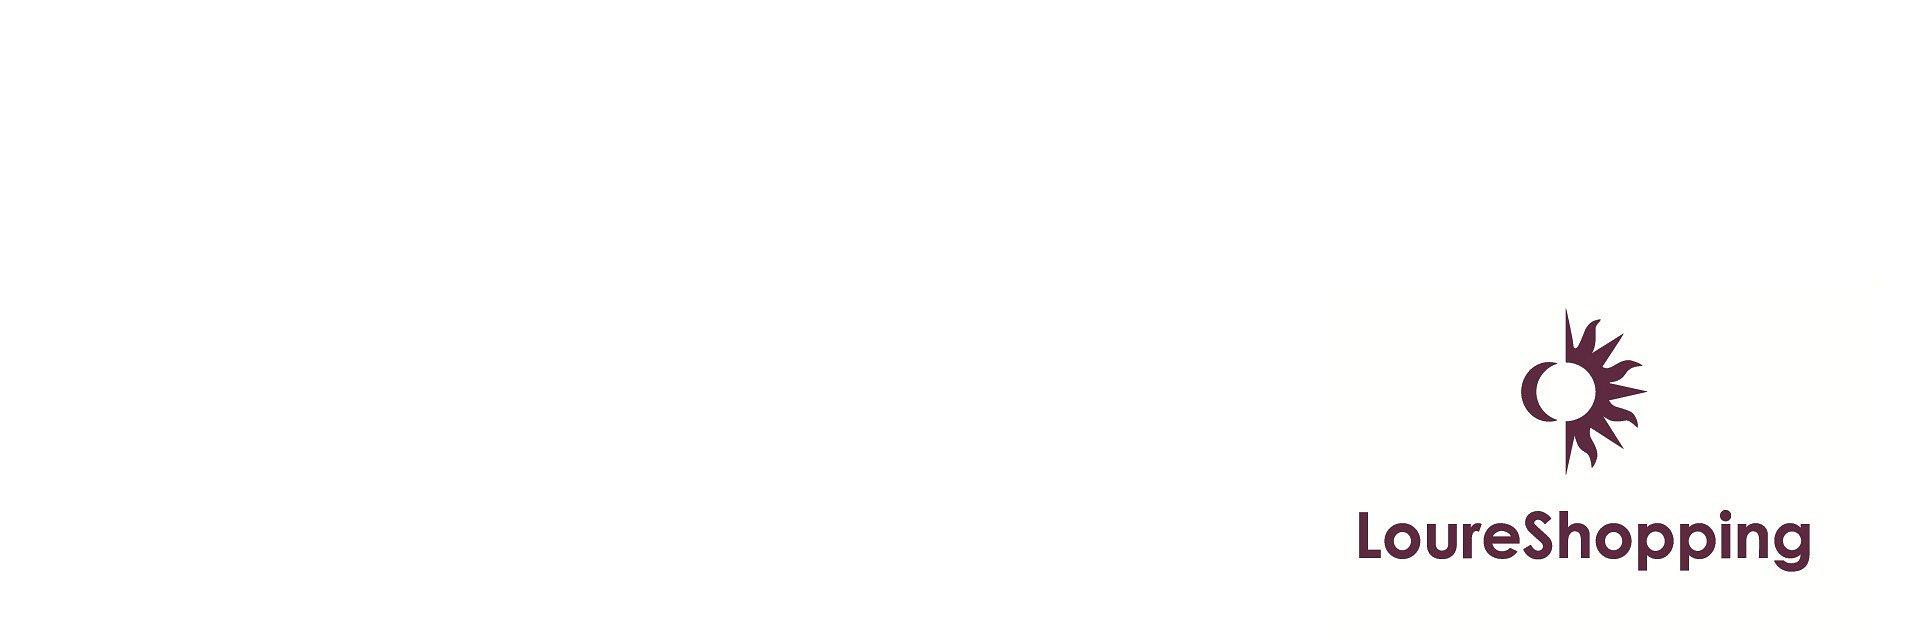 LoureShopping recebe concerto ao vivo de David Carreira